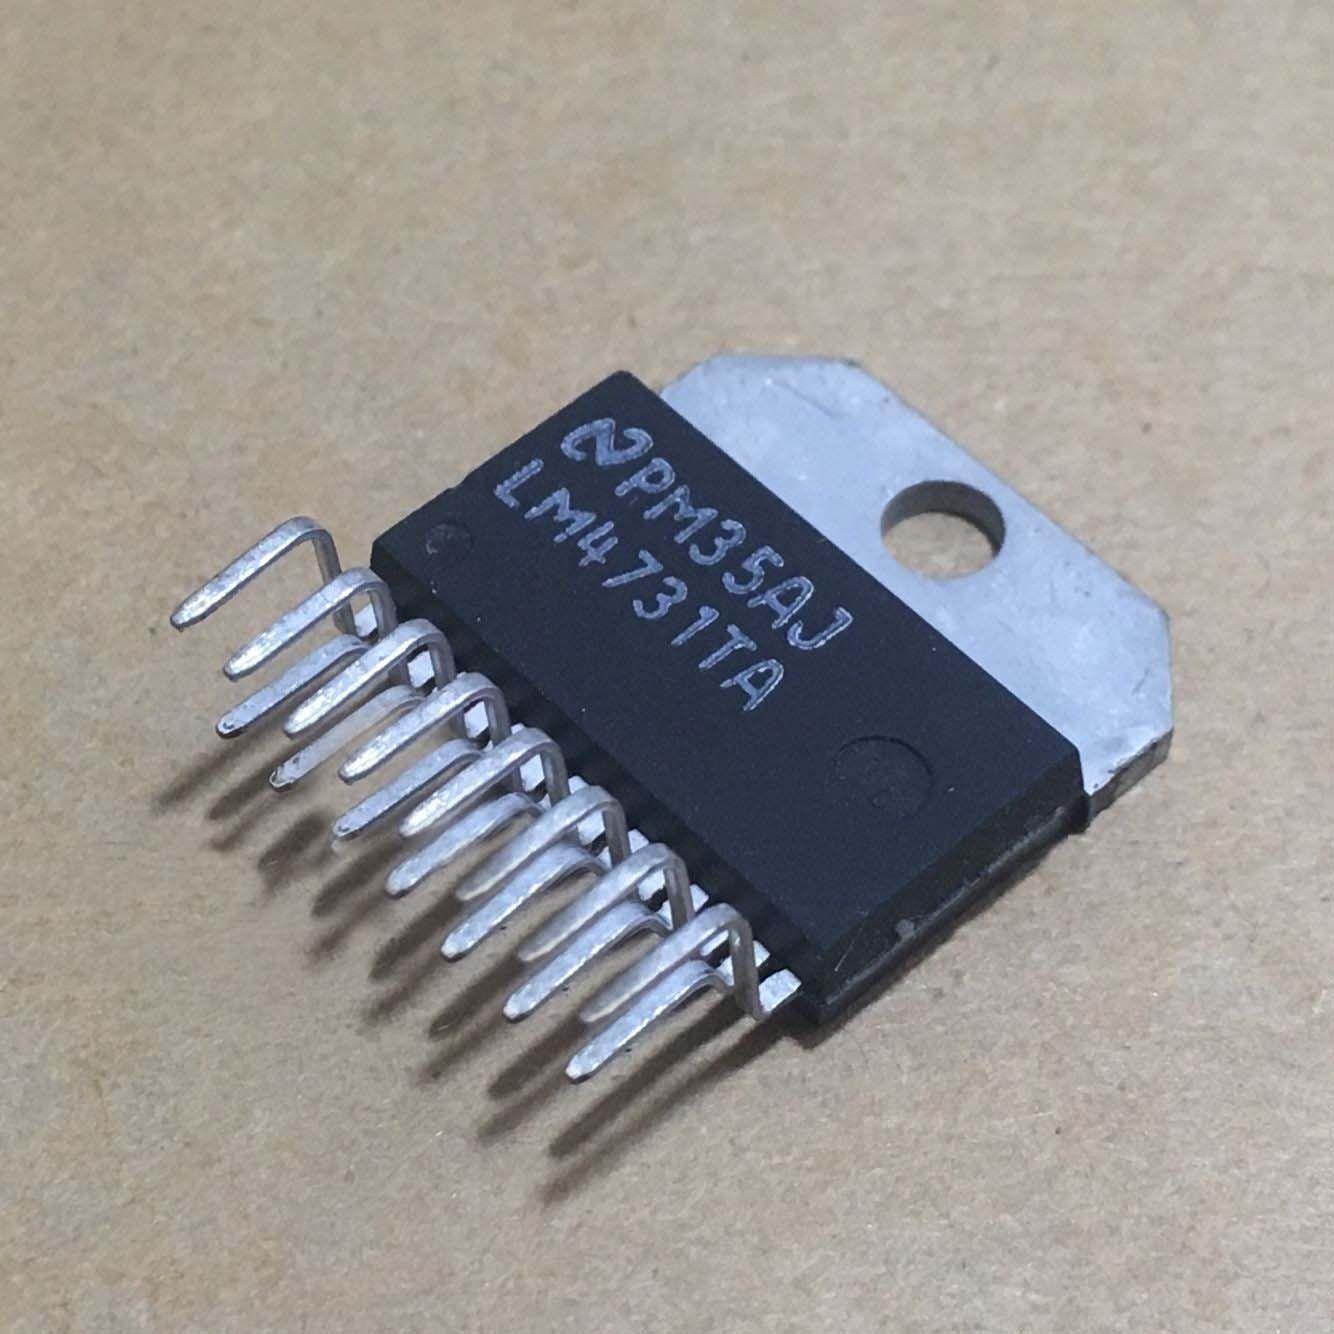 2pcs LM4731TA audio power amplifier